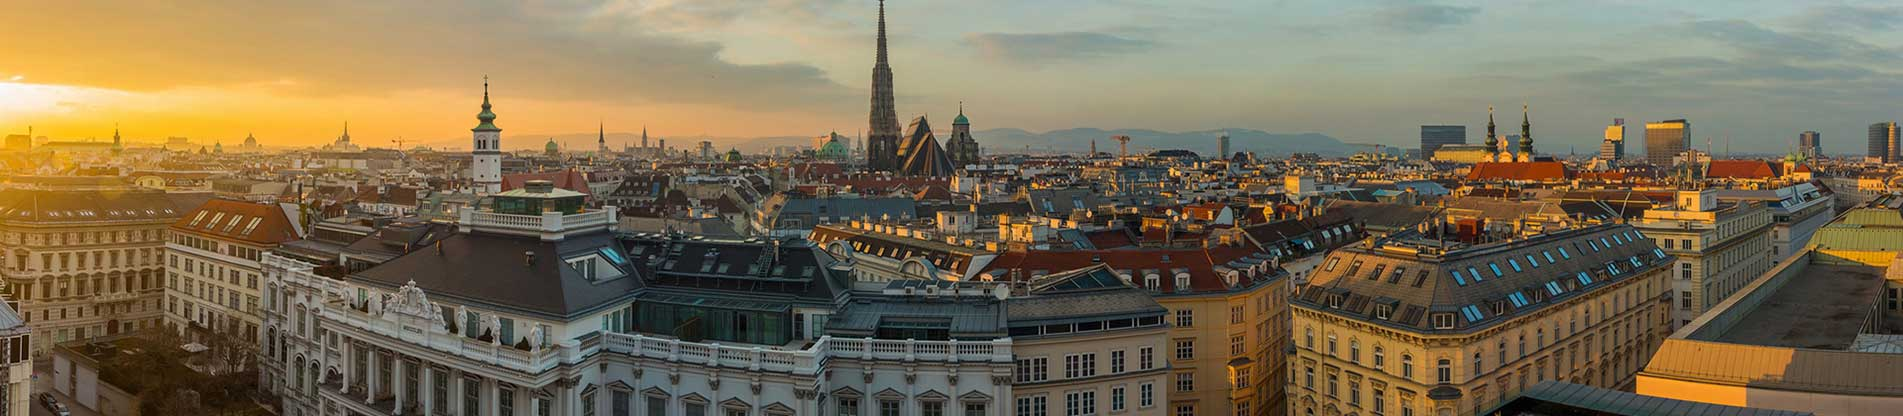 Englischkurse in Wien am Sprachinstitut English 4 Professionals: Lernen Sie Englisch mit uns, ob mit Privatlehrer oder im Gruppenunterricht.